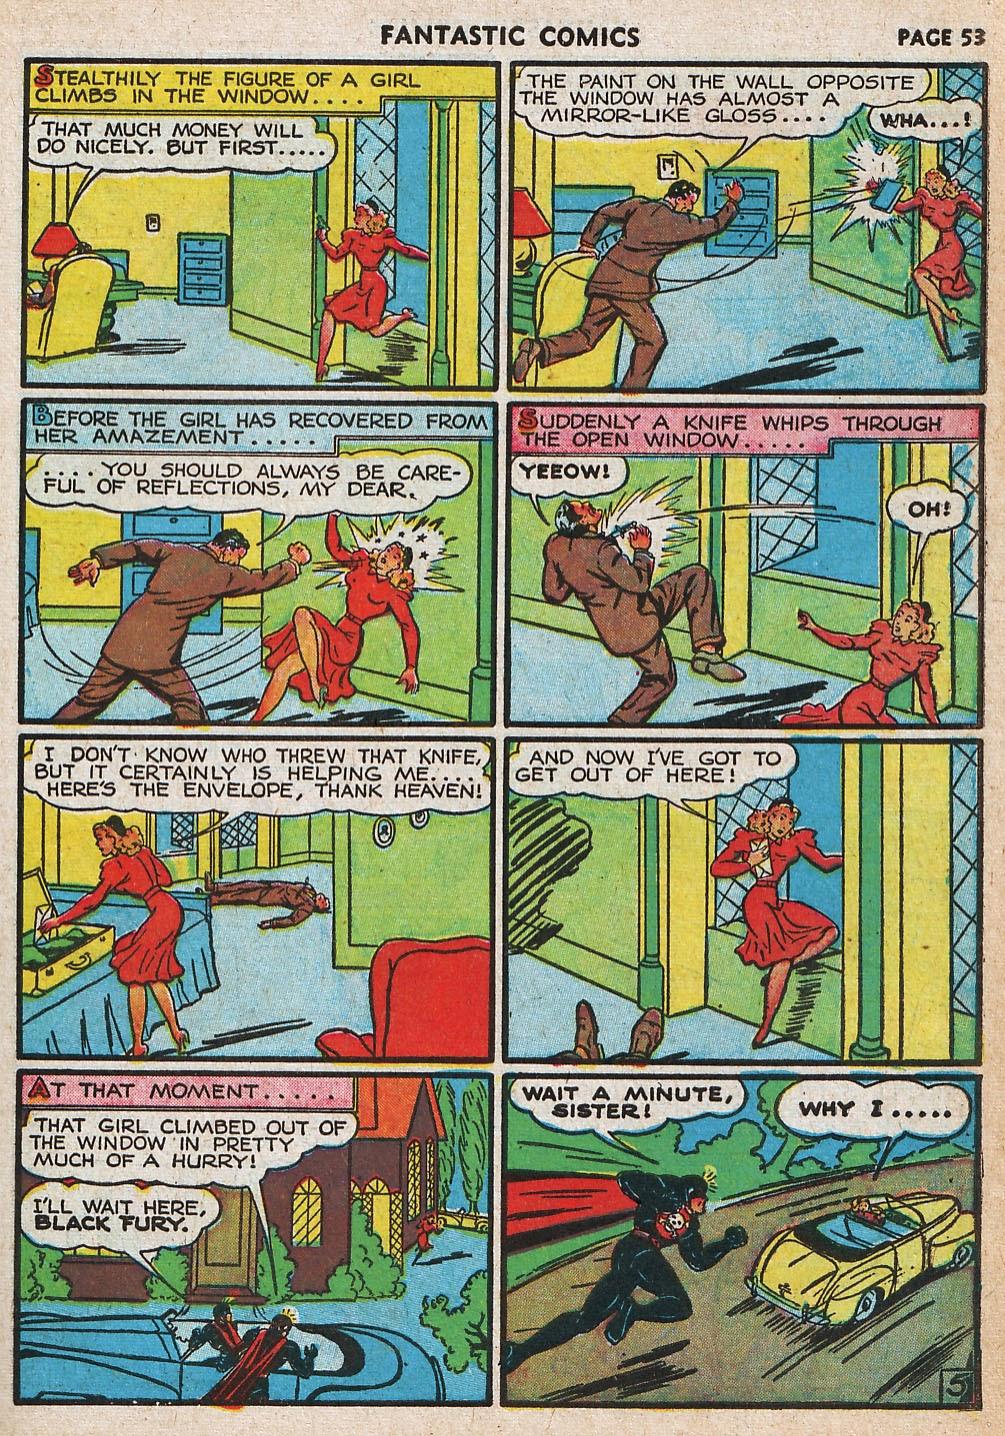 Read online Fantastic Comics comic -  Issue #20 - 53